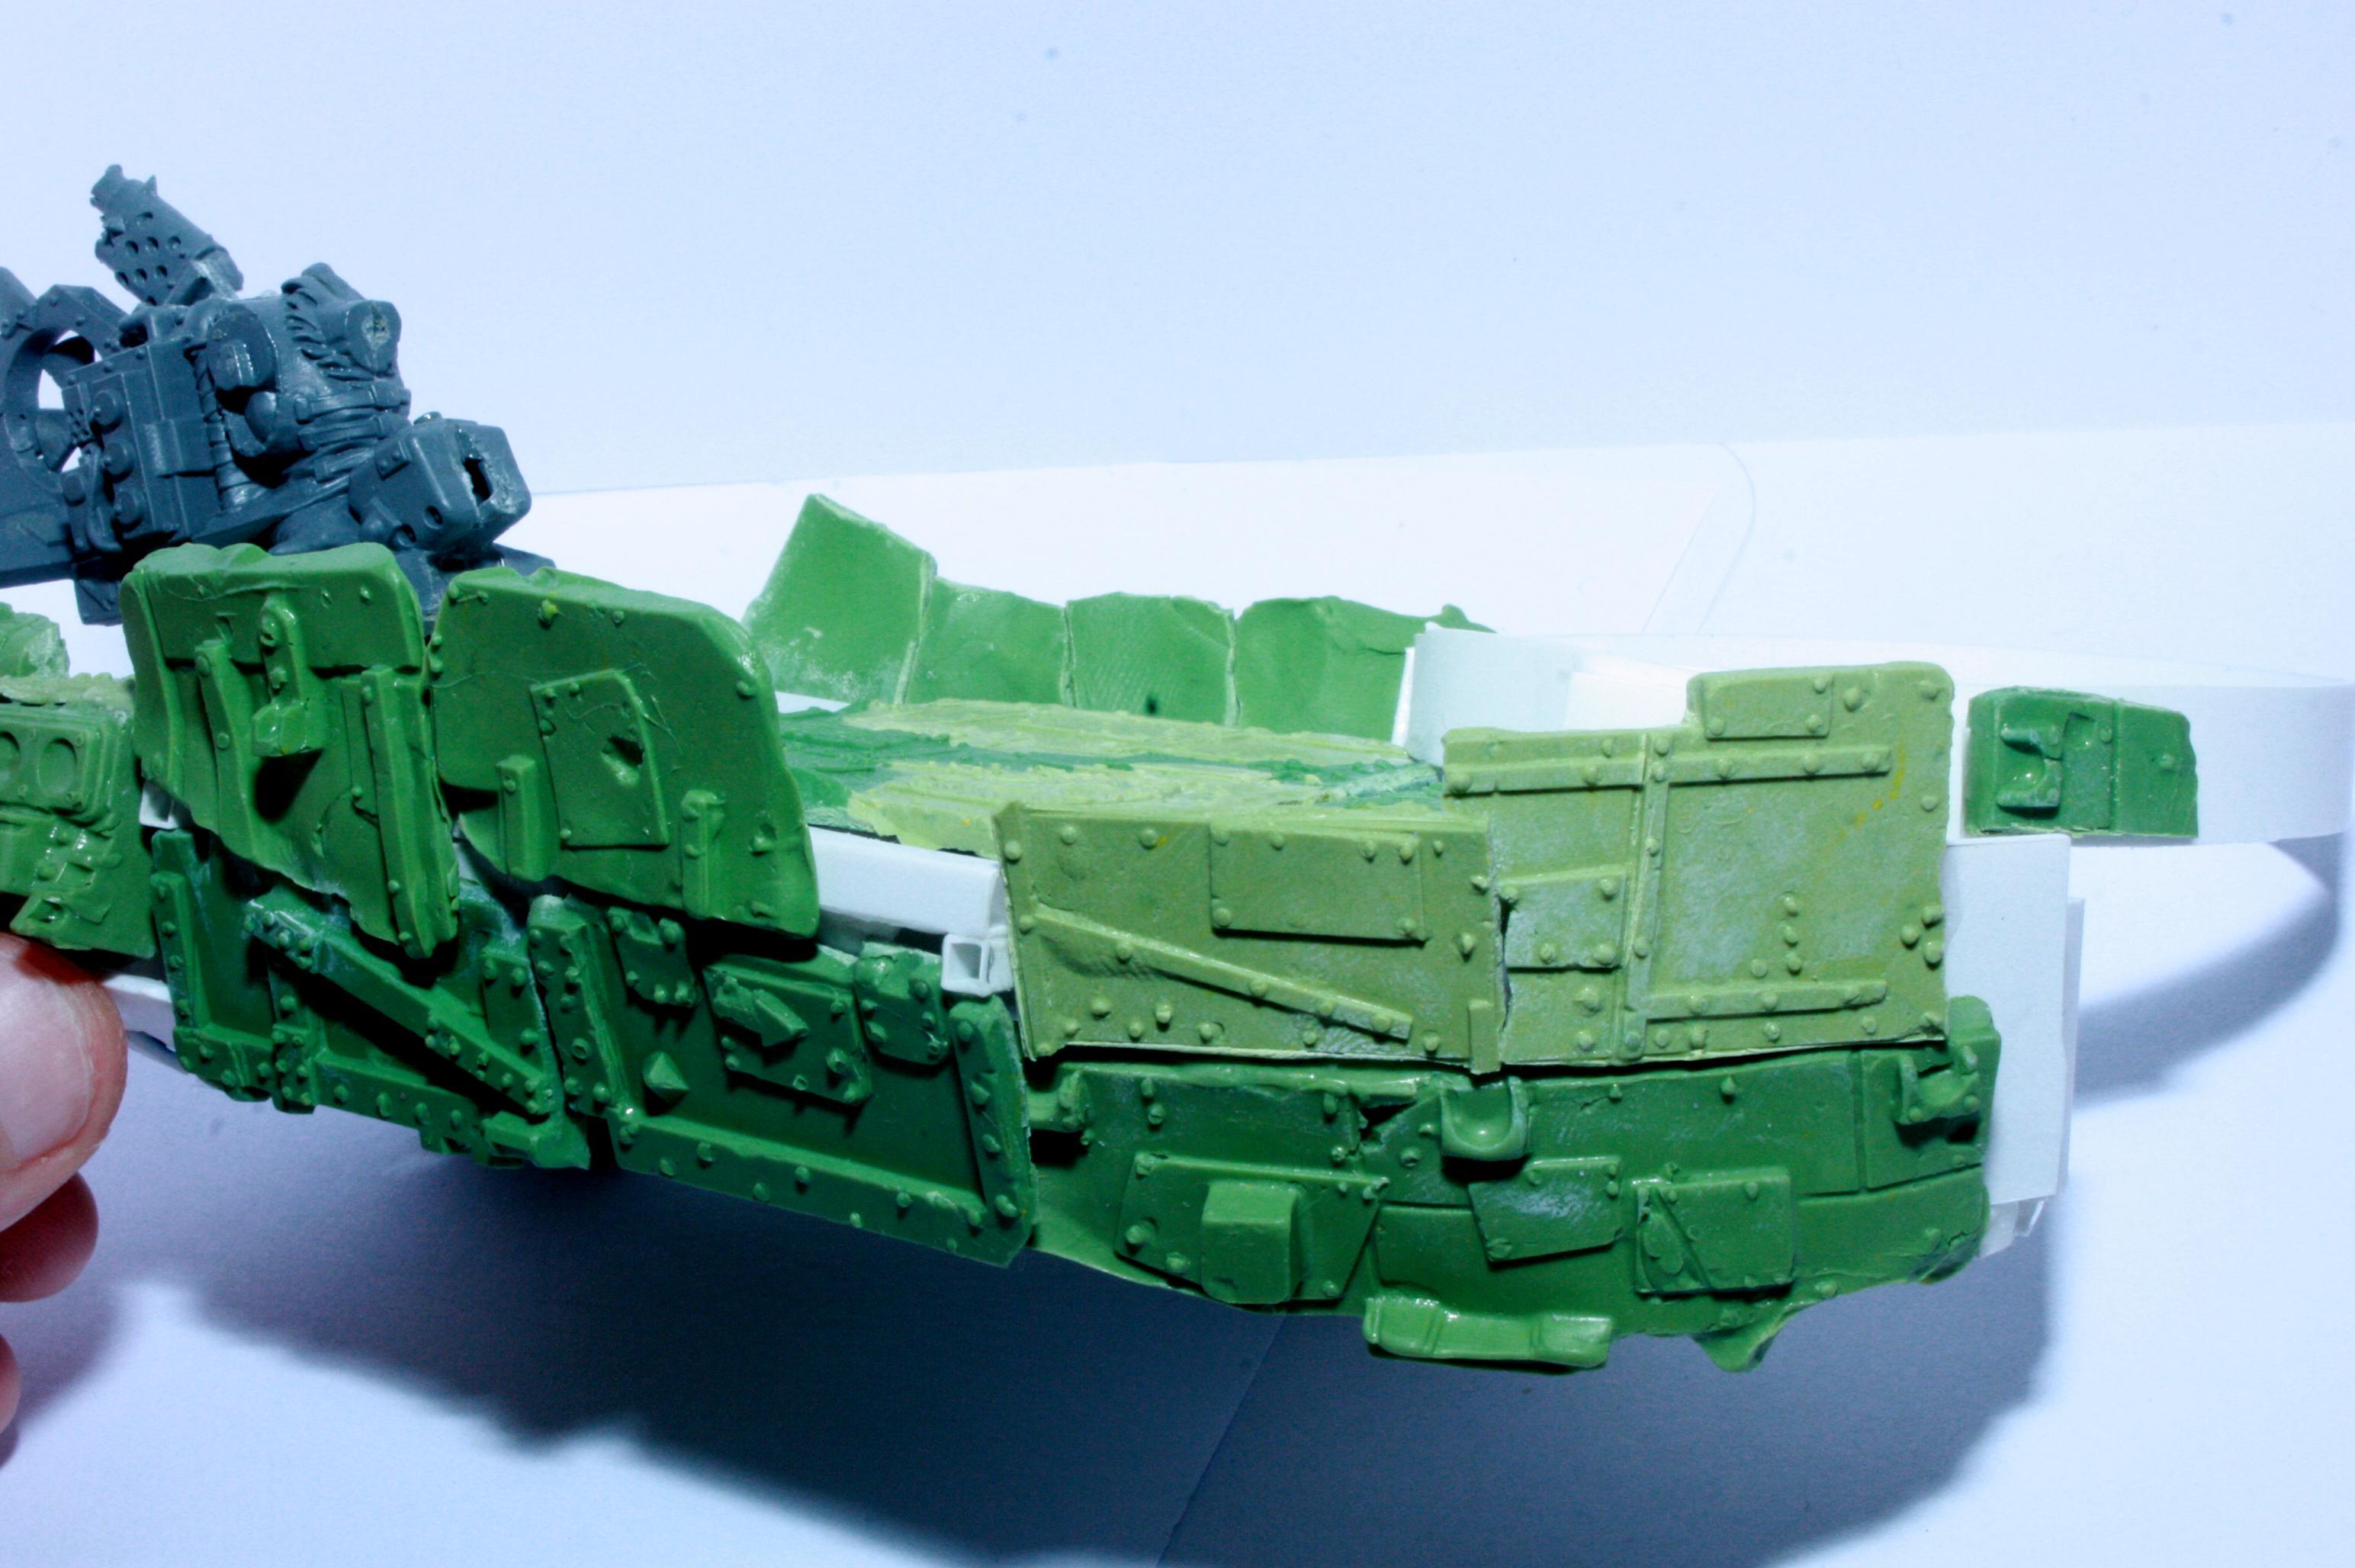 BW - Airship WIP